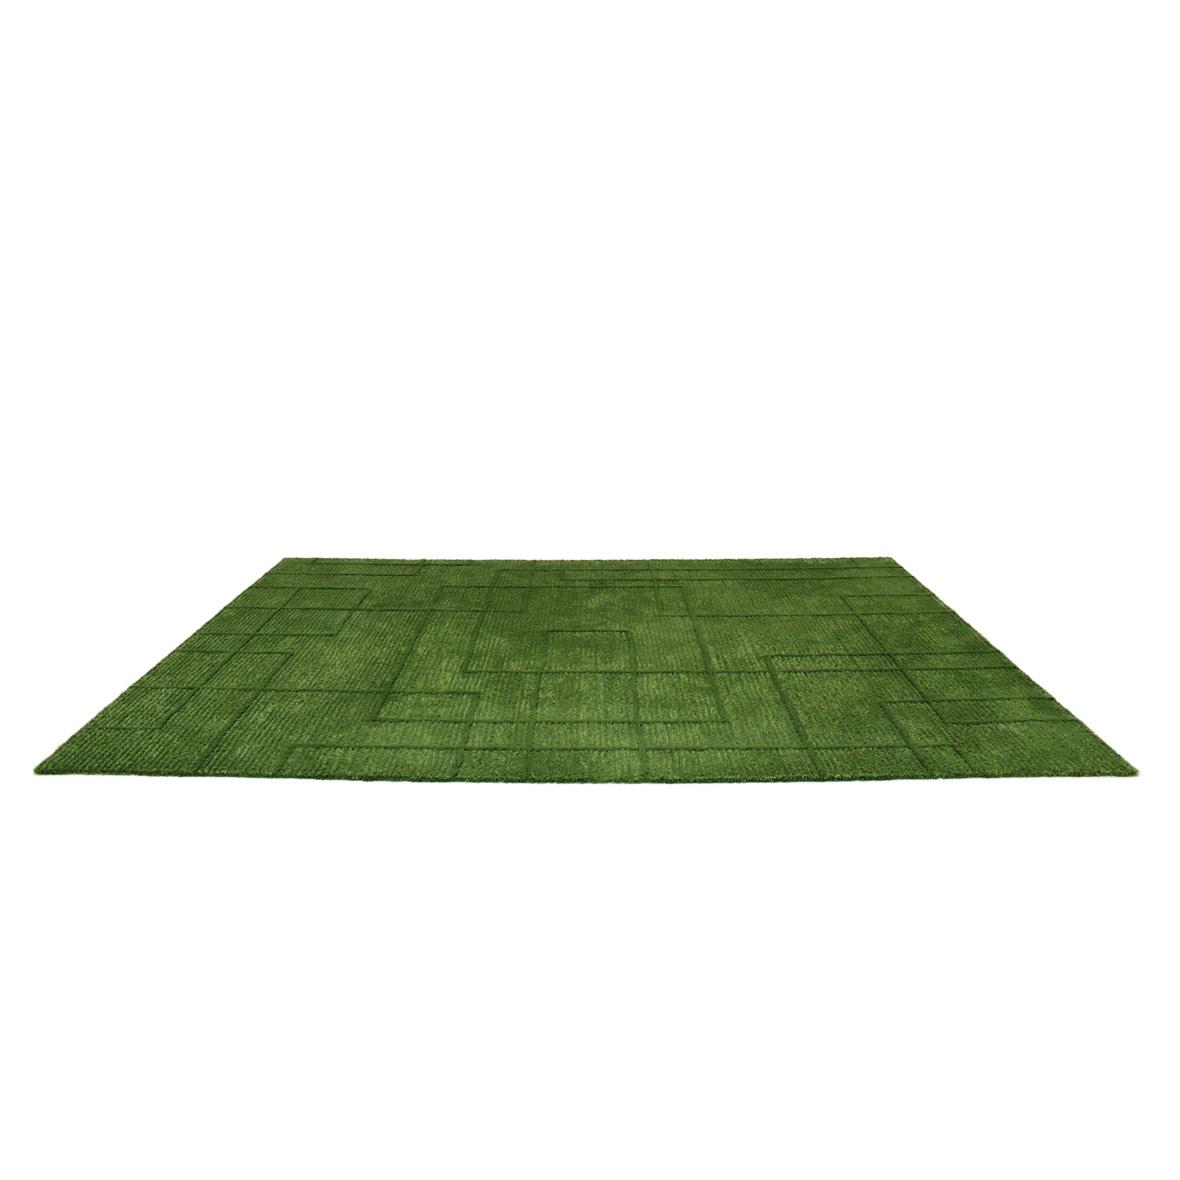 Handtuftteppich Ravel - Schnurwolle - Leinen - grün - 240 x 170 cm